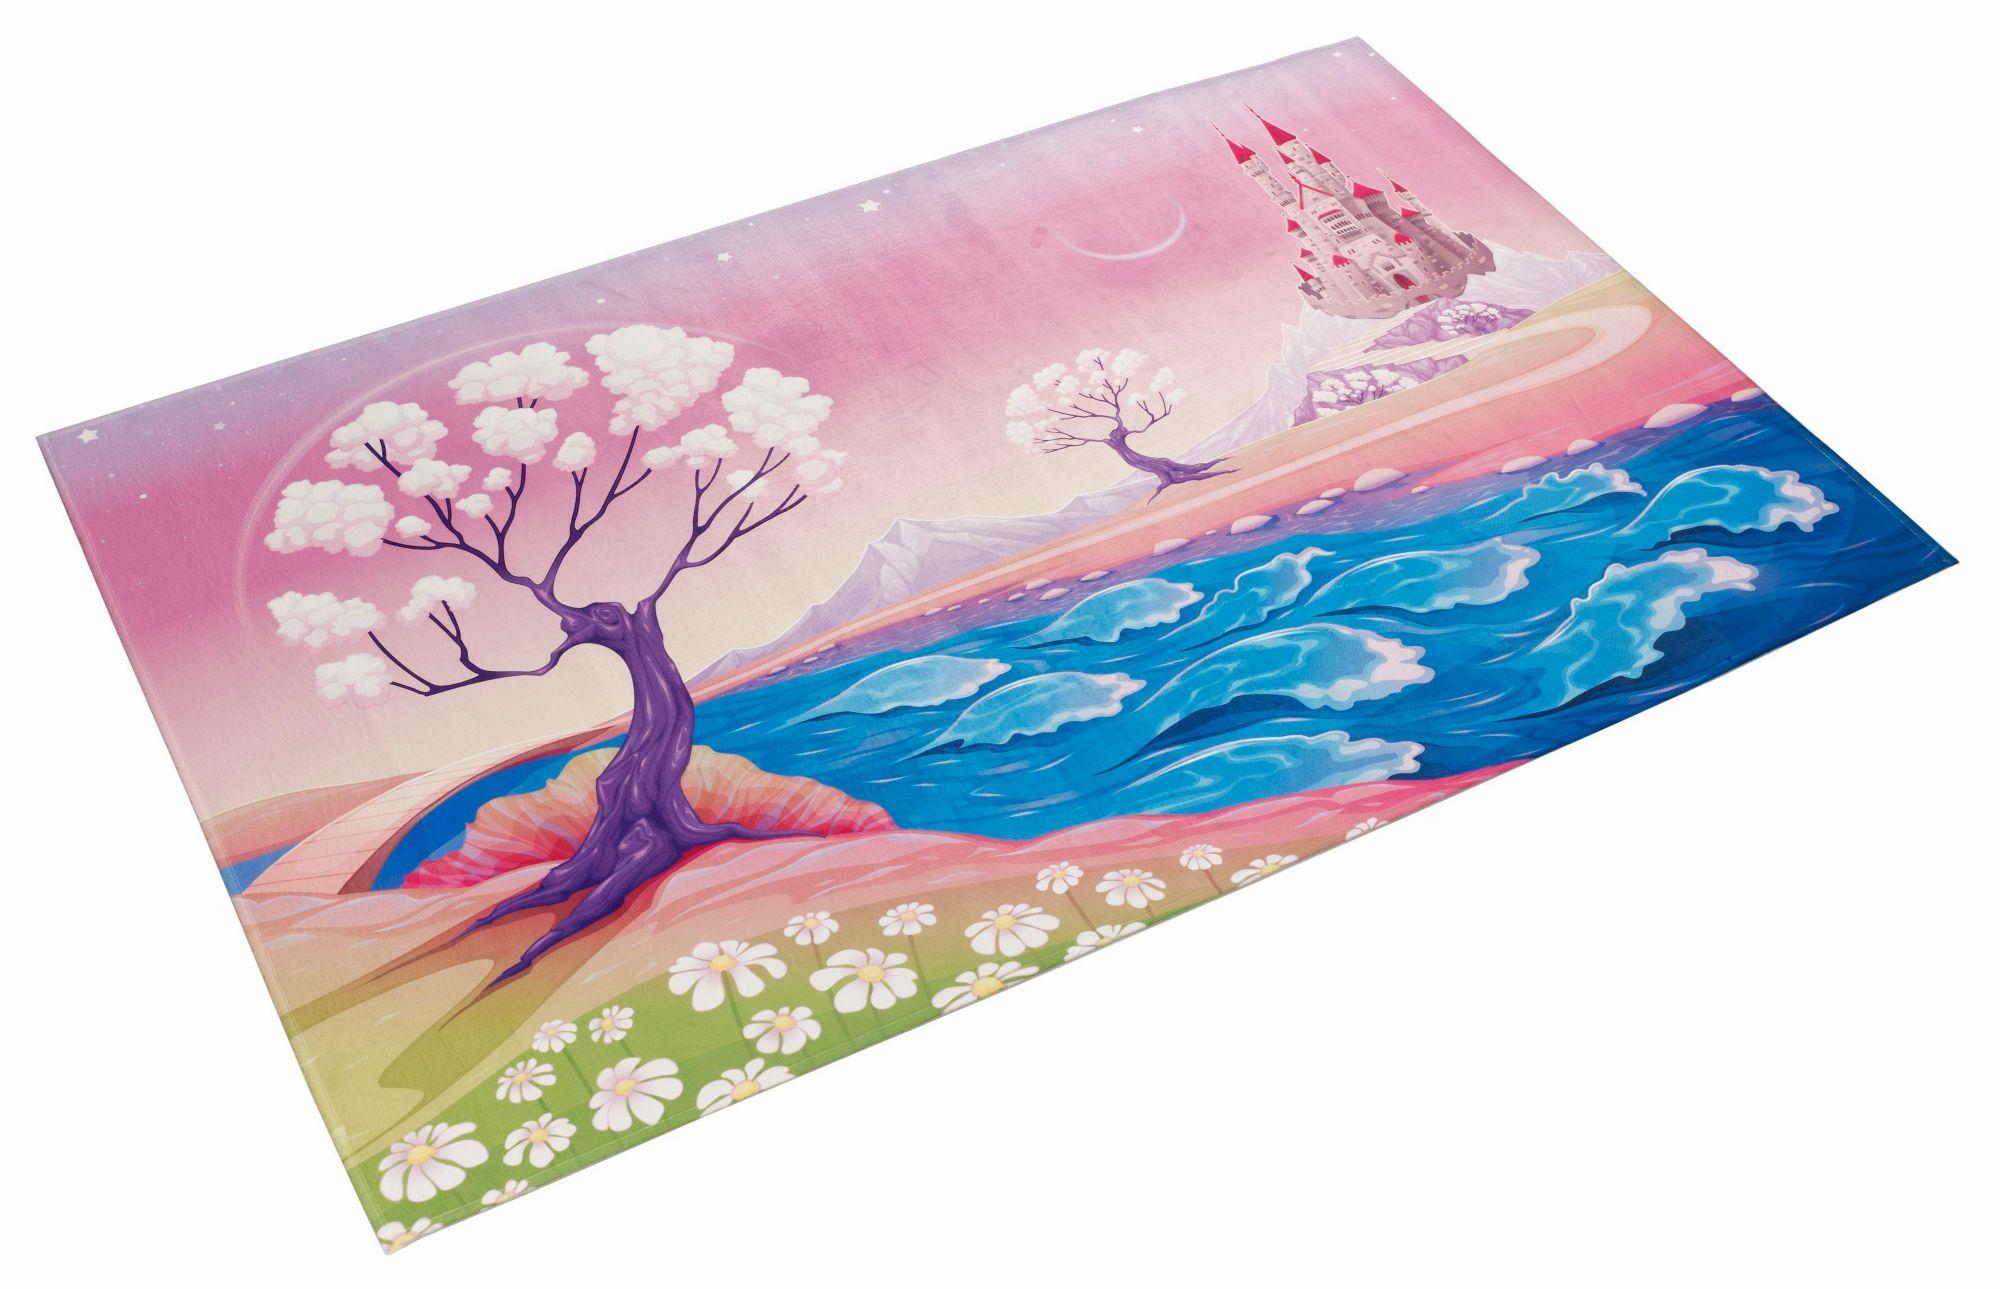 BÖING CARPET Kinderteppich, »Lovely Kids 405«, Böing Carpet, rechteckig, Höhe 6 mm, gedruckt